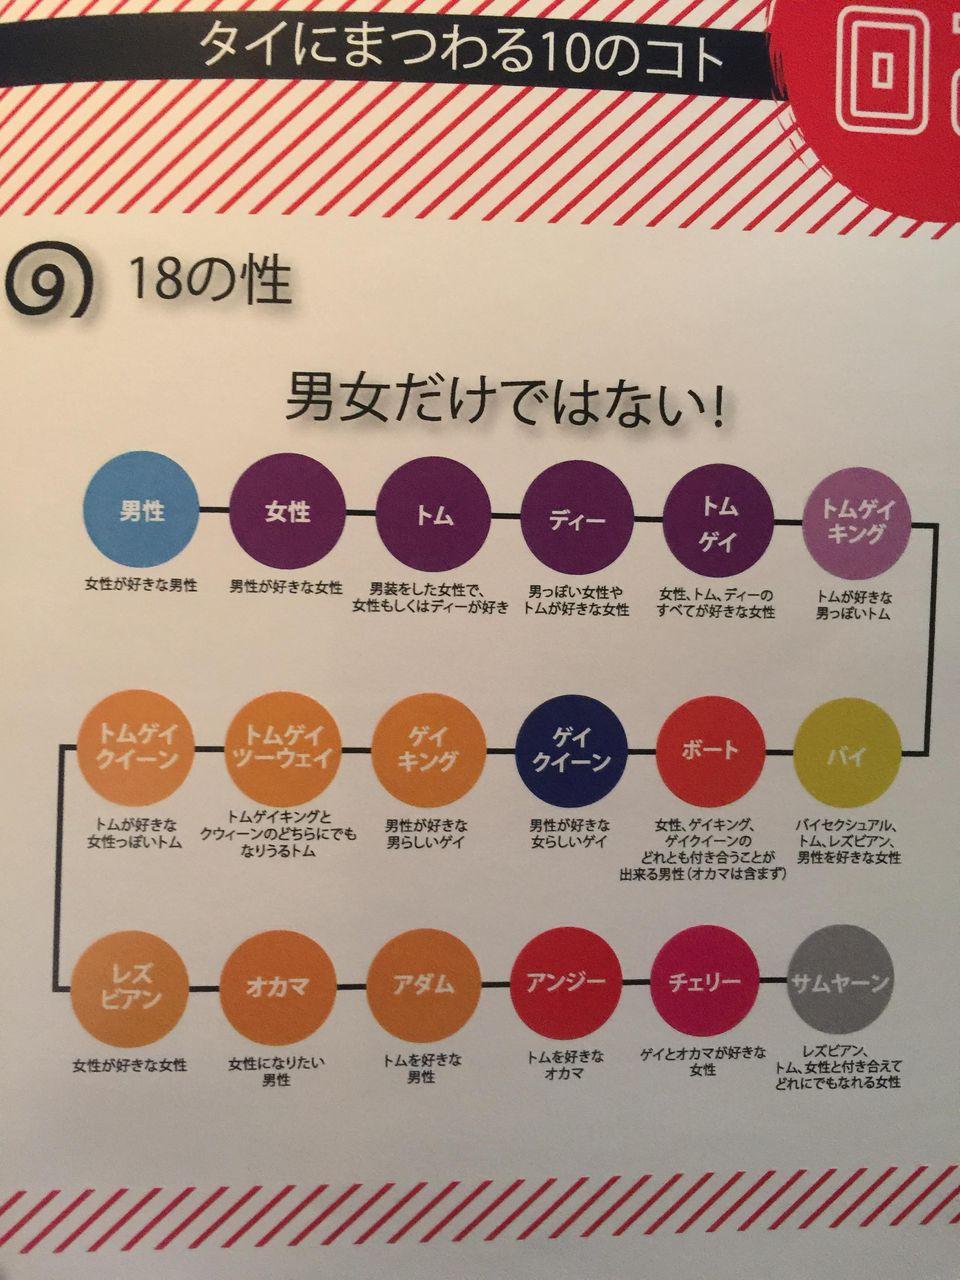 タイの性別一覧入手したンゴ